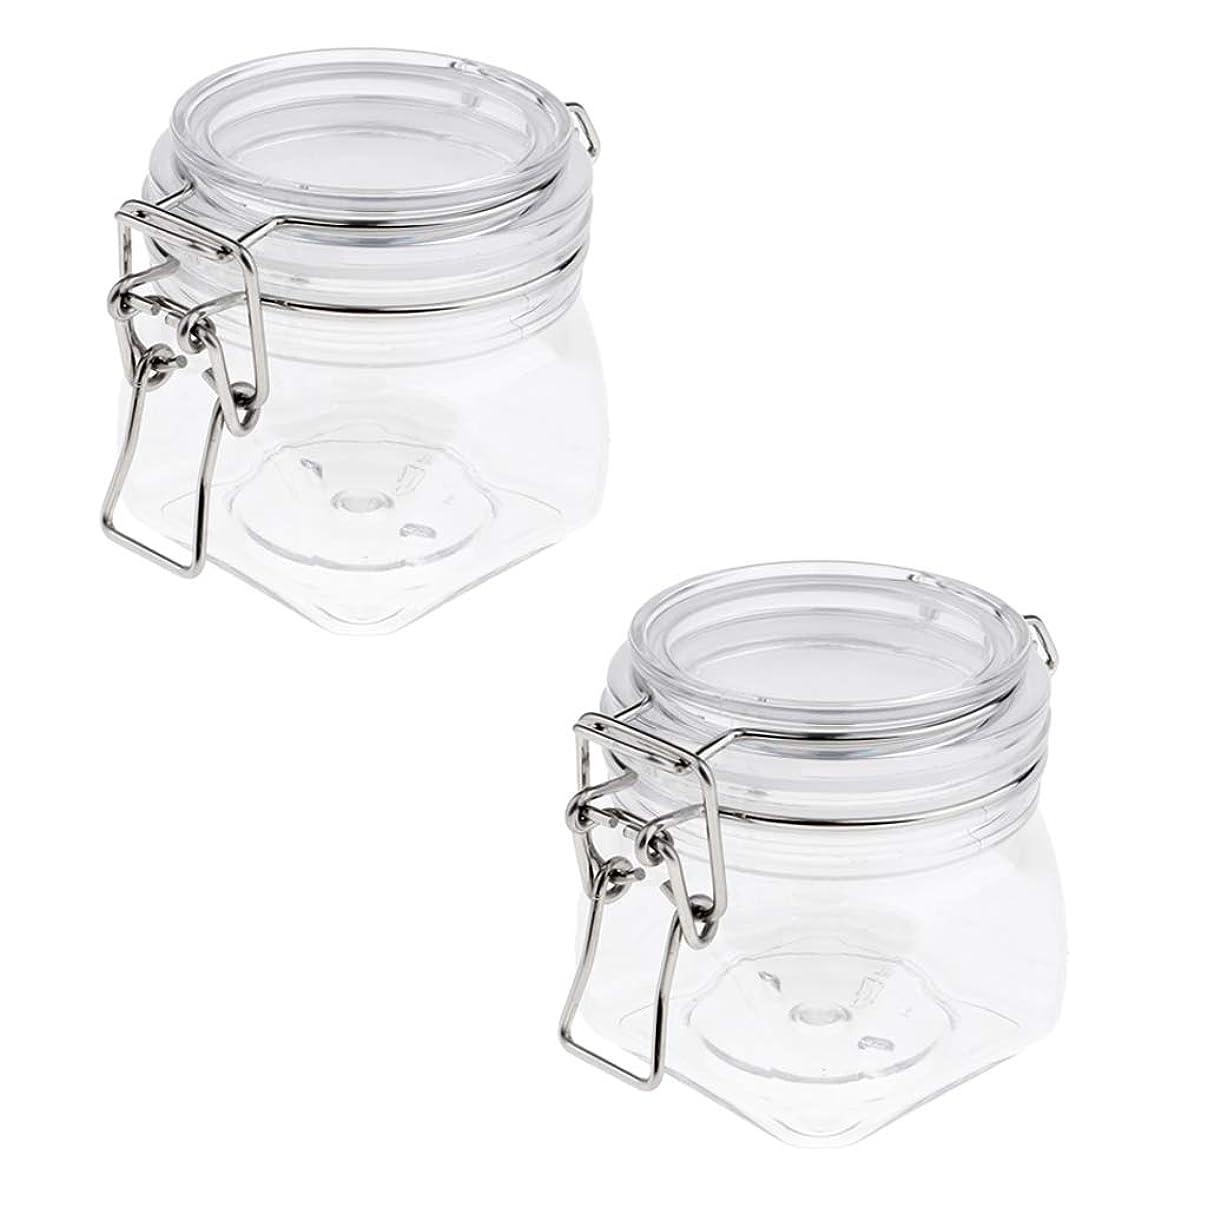 値下げより良い私たちSM SunniMix 密閉瓶 プラスチック 化粧品容器 クリーム 約250ml コンテナ ジャー シリコンシールリング